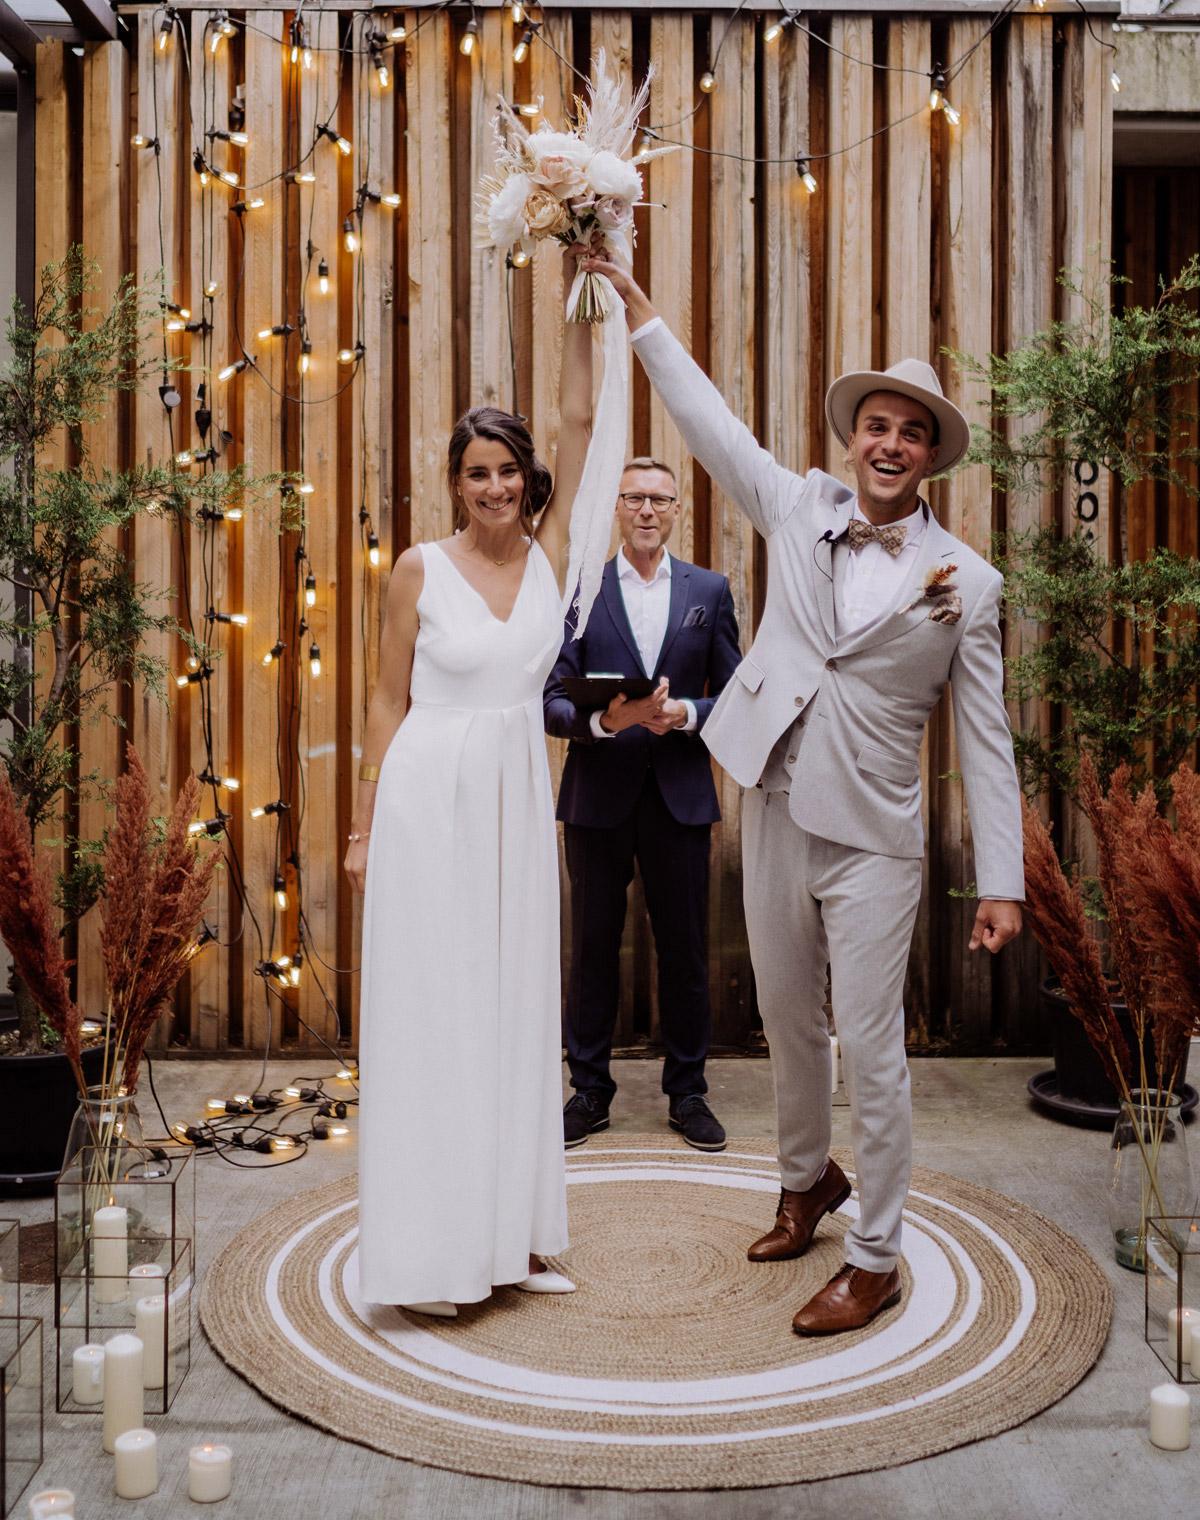 Boho Hochzeitspaar: Nach der freien Trauung in Berlin feierte das Hochzeitspaar sein Elopement. Dieses Paarfoto ist auch perfekt für das Fotoshooting am Standesamt. Mehr Hochzeitsideen dieser Regenhochzeit im Blog von Hochzeitsfotograf Berlin © www.hochzeitslicht.de #hochzeitslicht